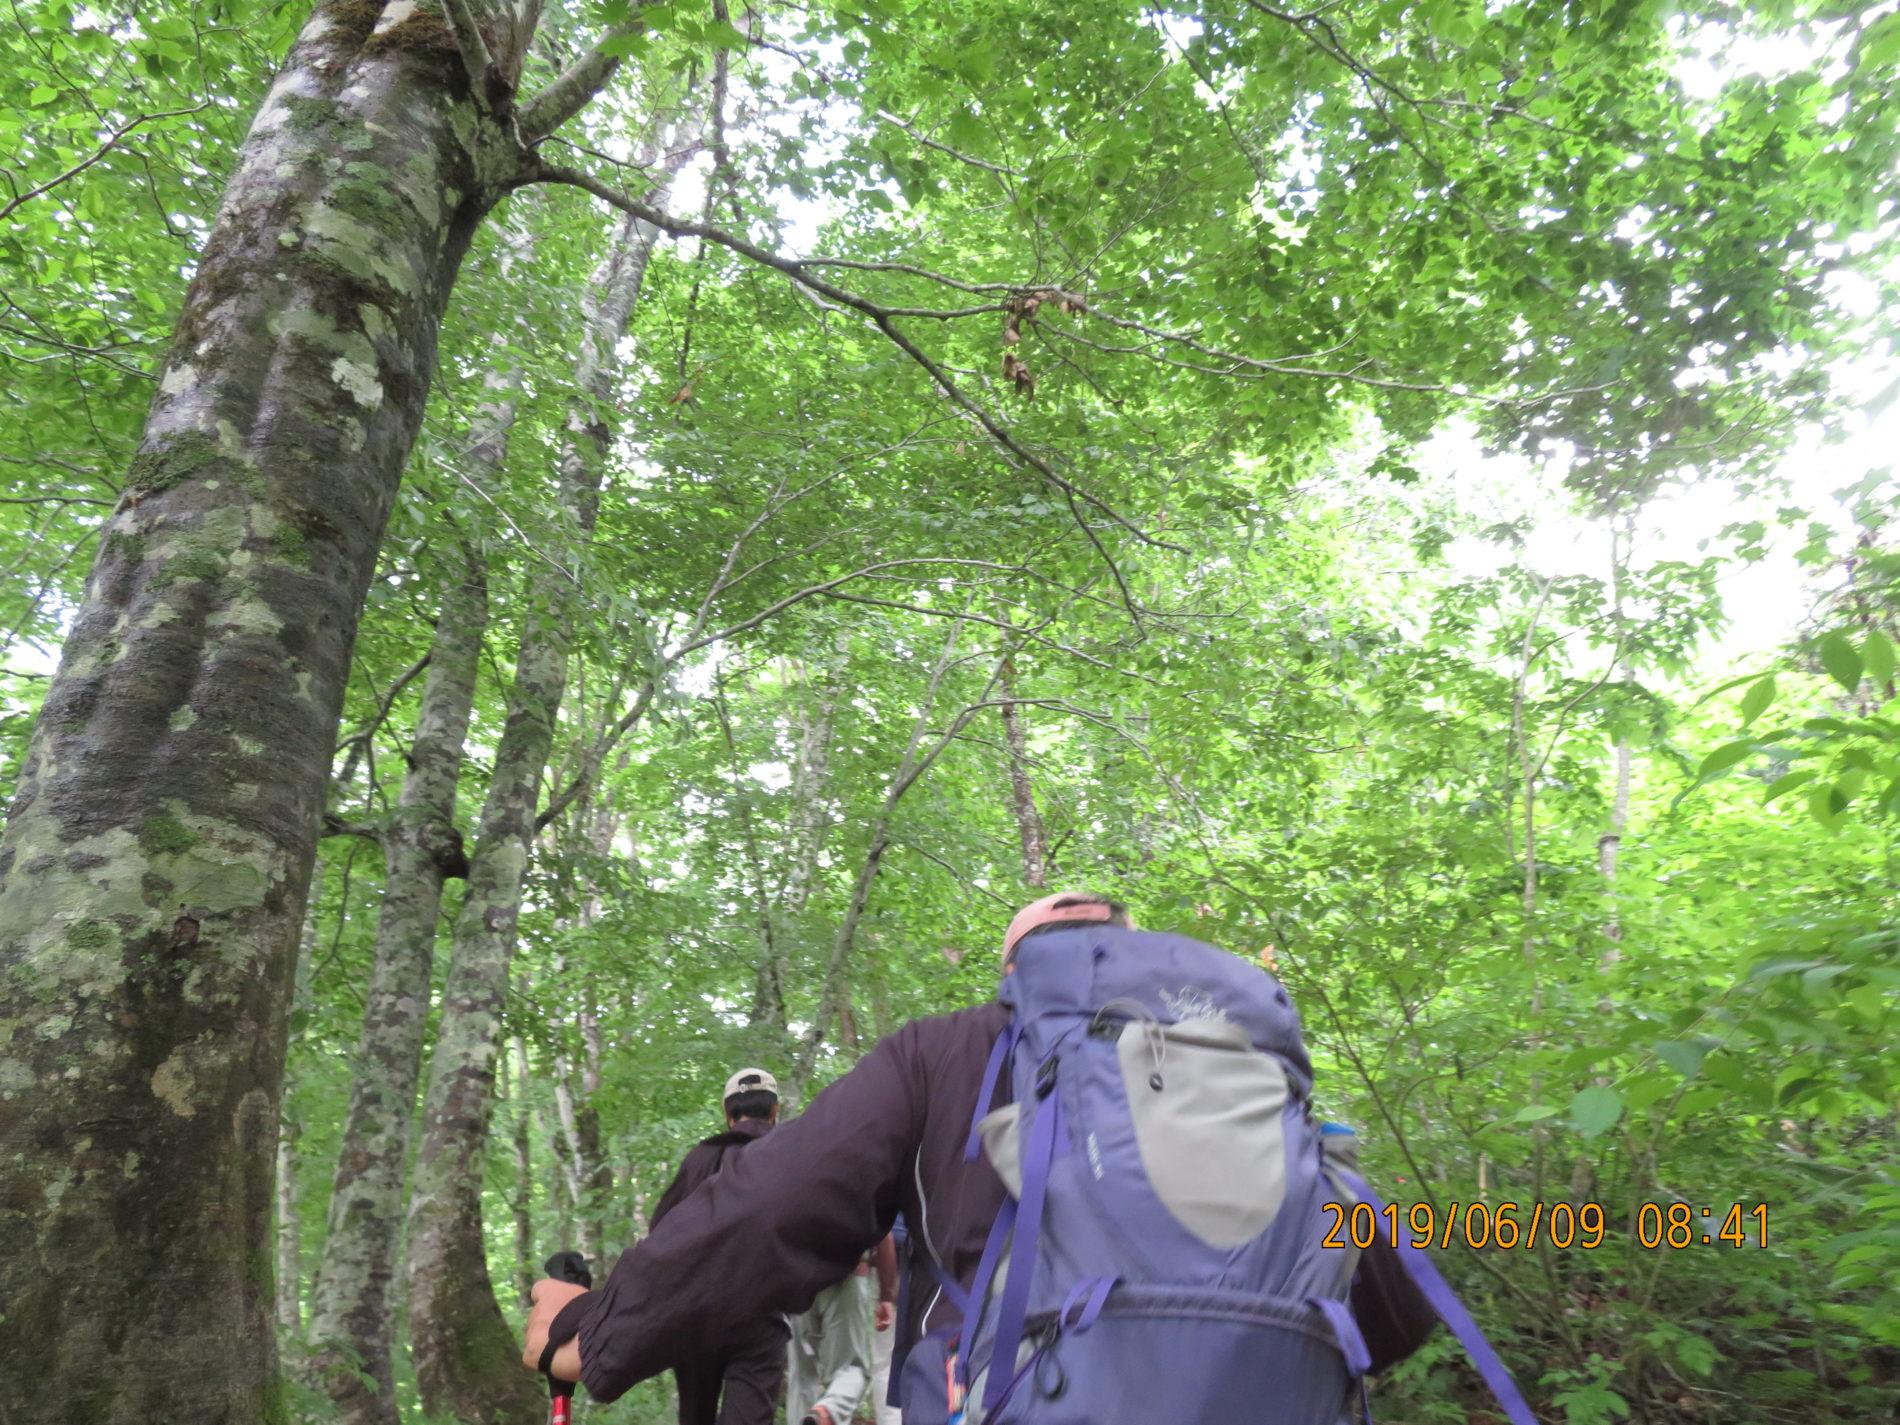 雄子沢登山口からの登山道